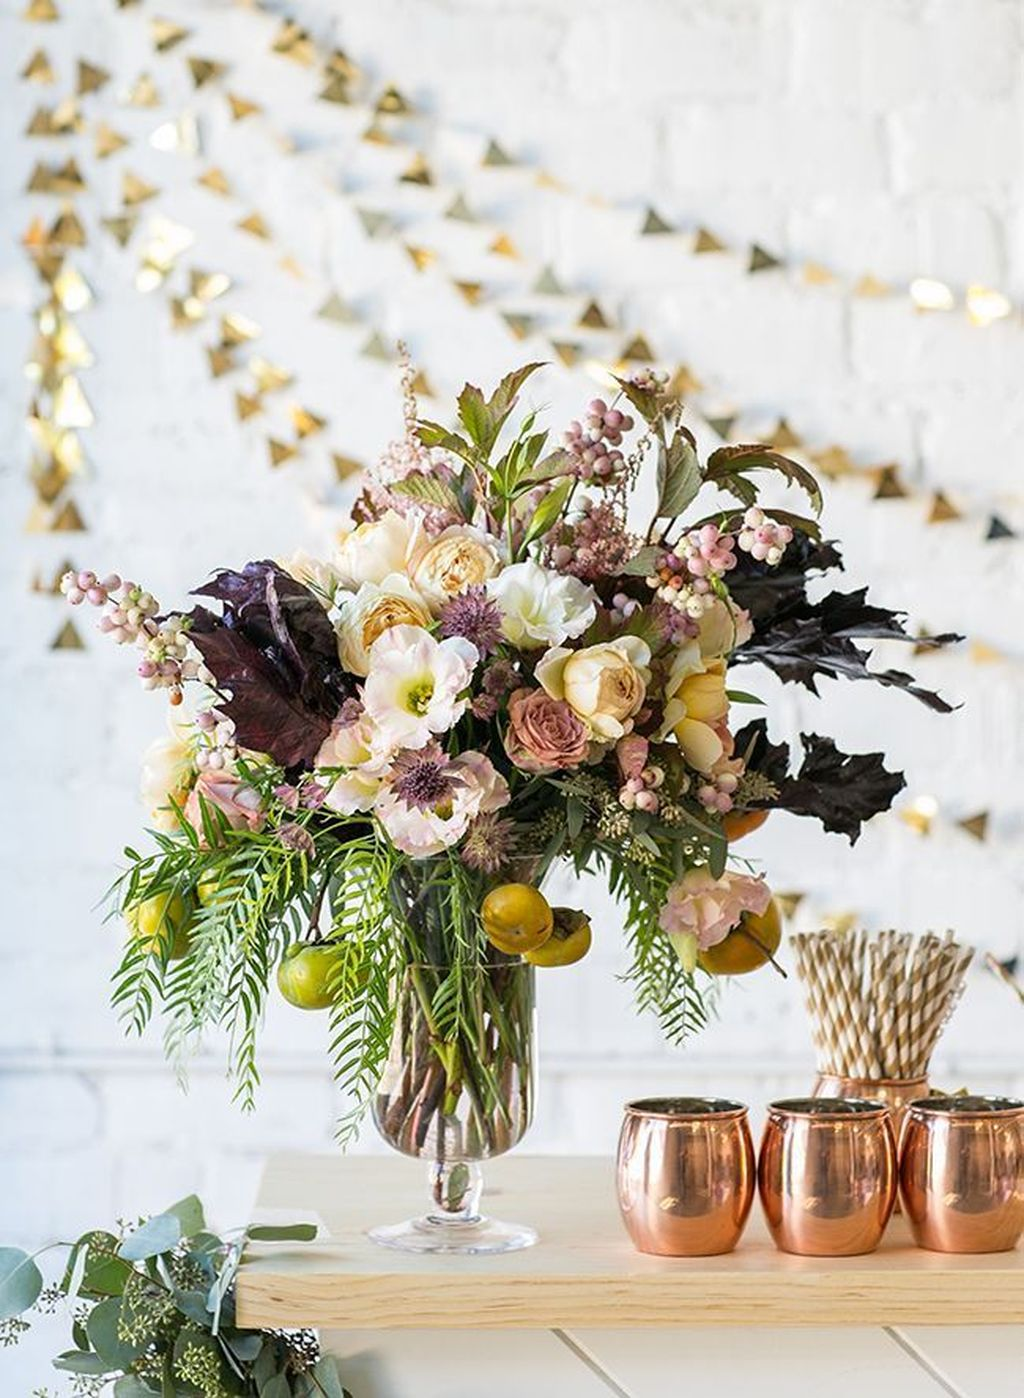 Fabulous Floral Arrangements Design Ideas 28